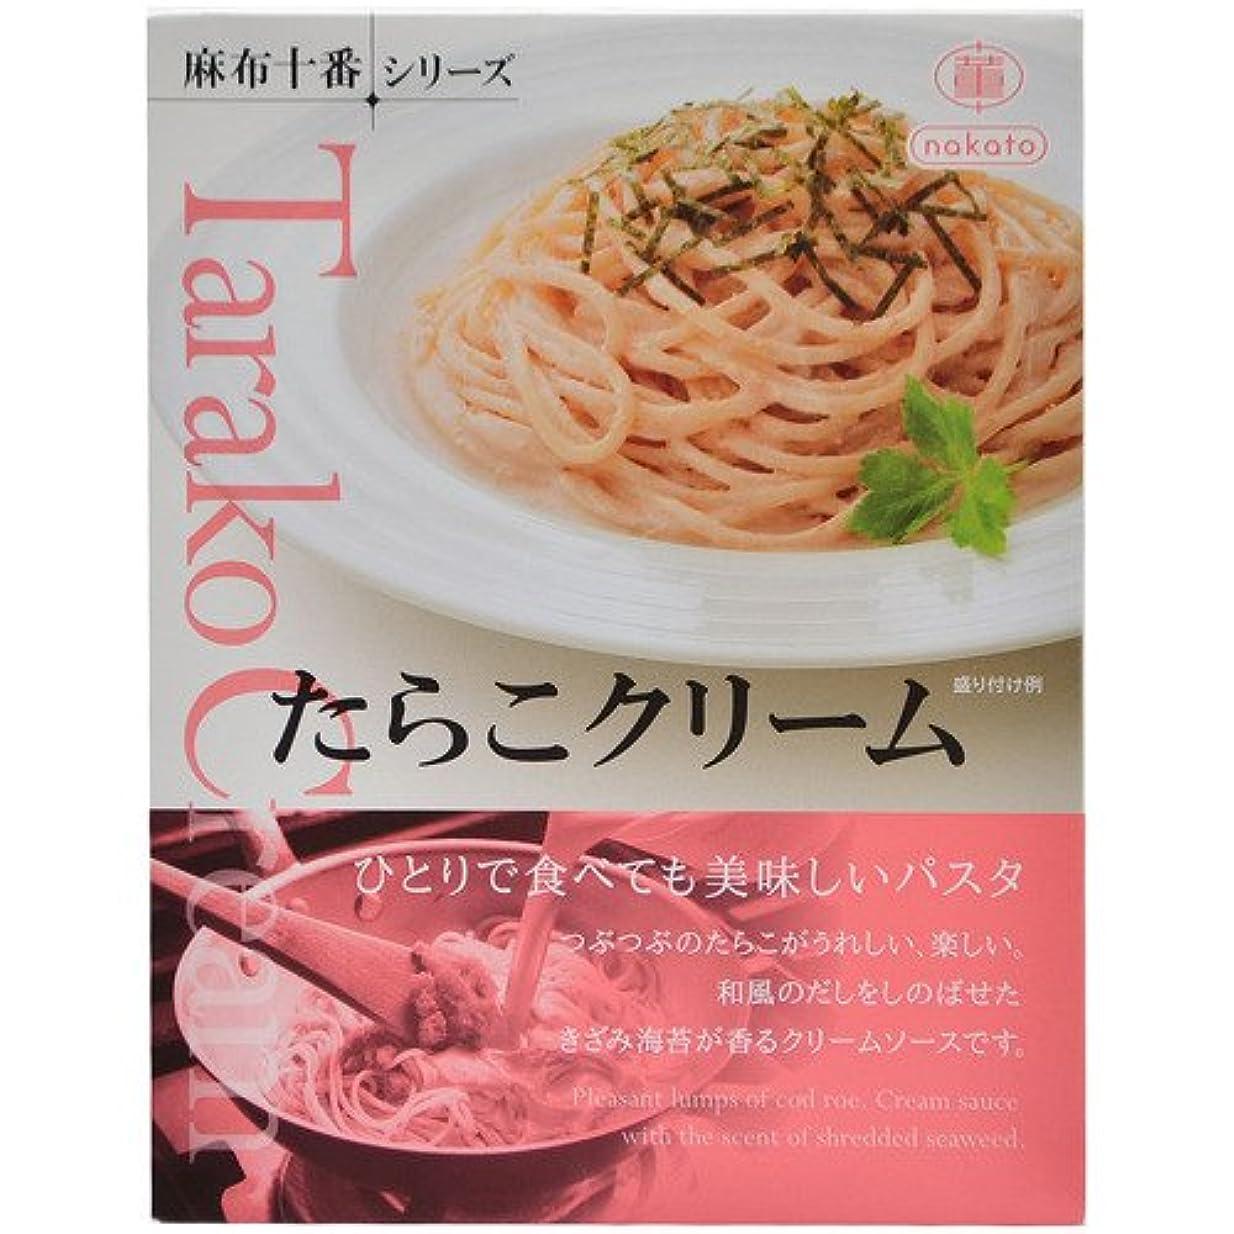 nakato麻布十番シリーズ たらこクリーム 110g